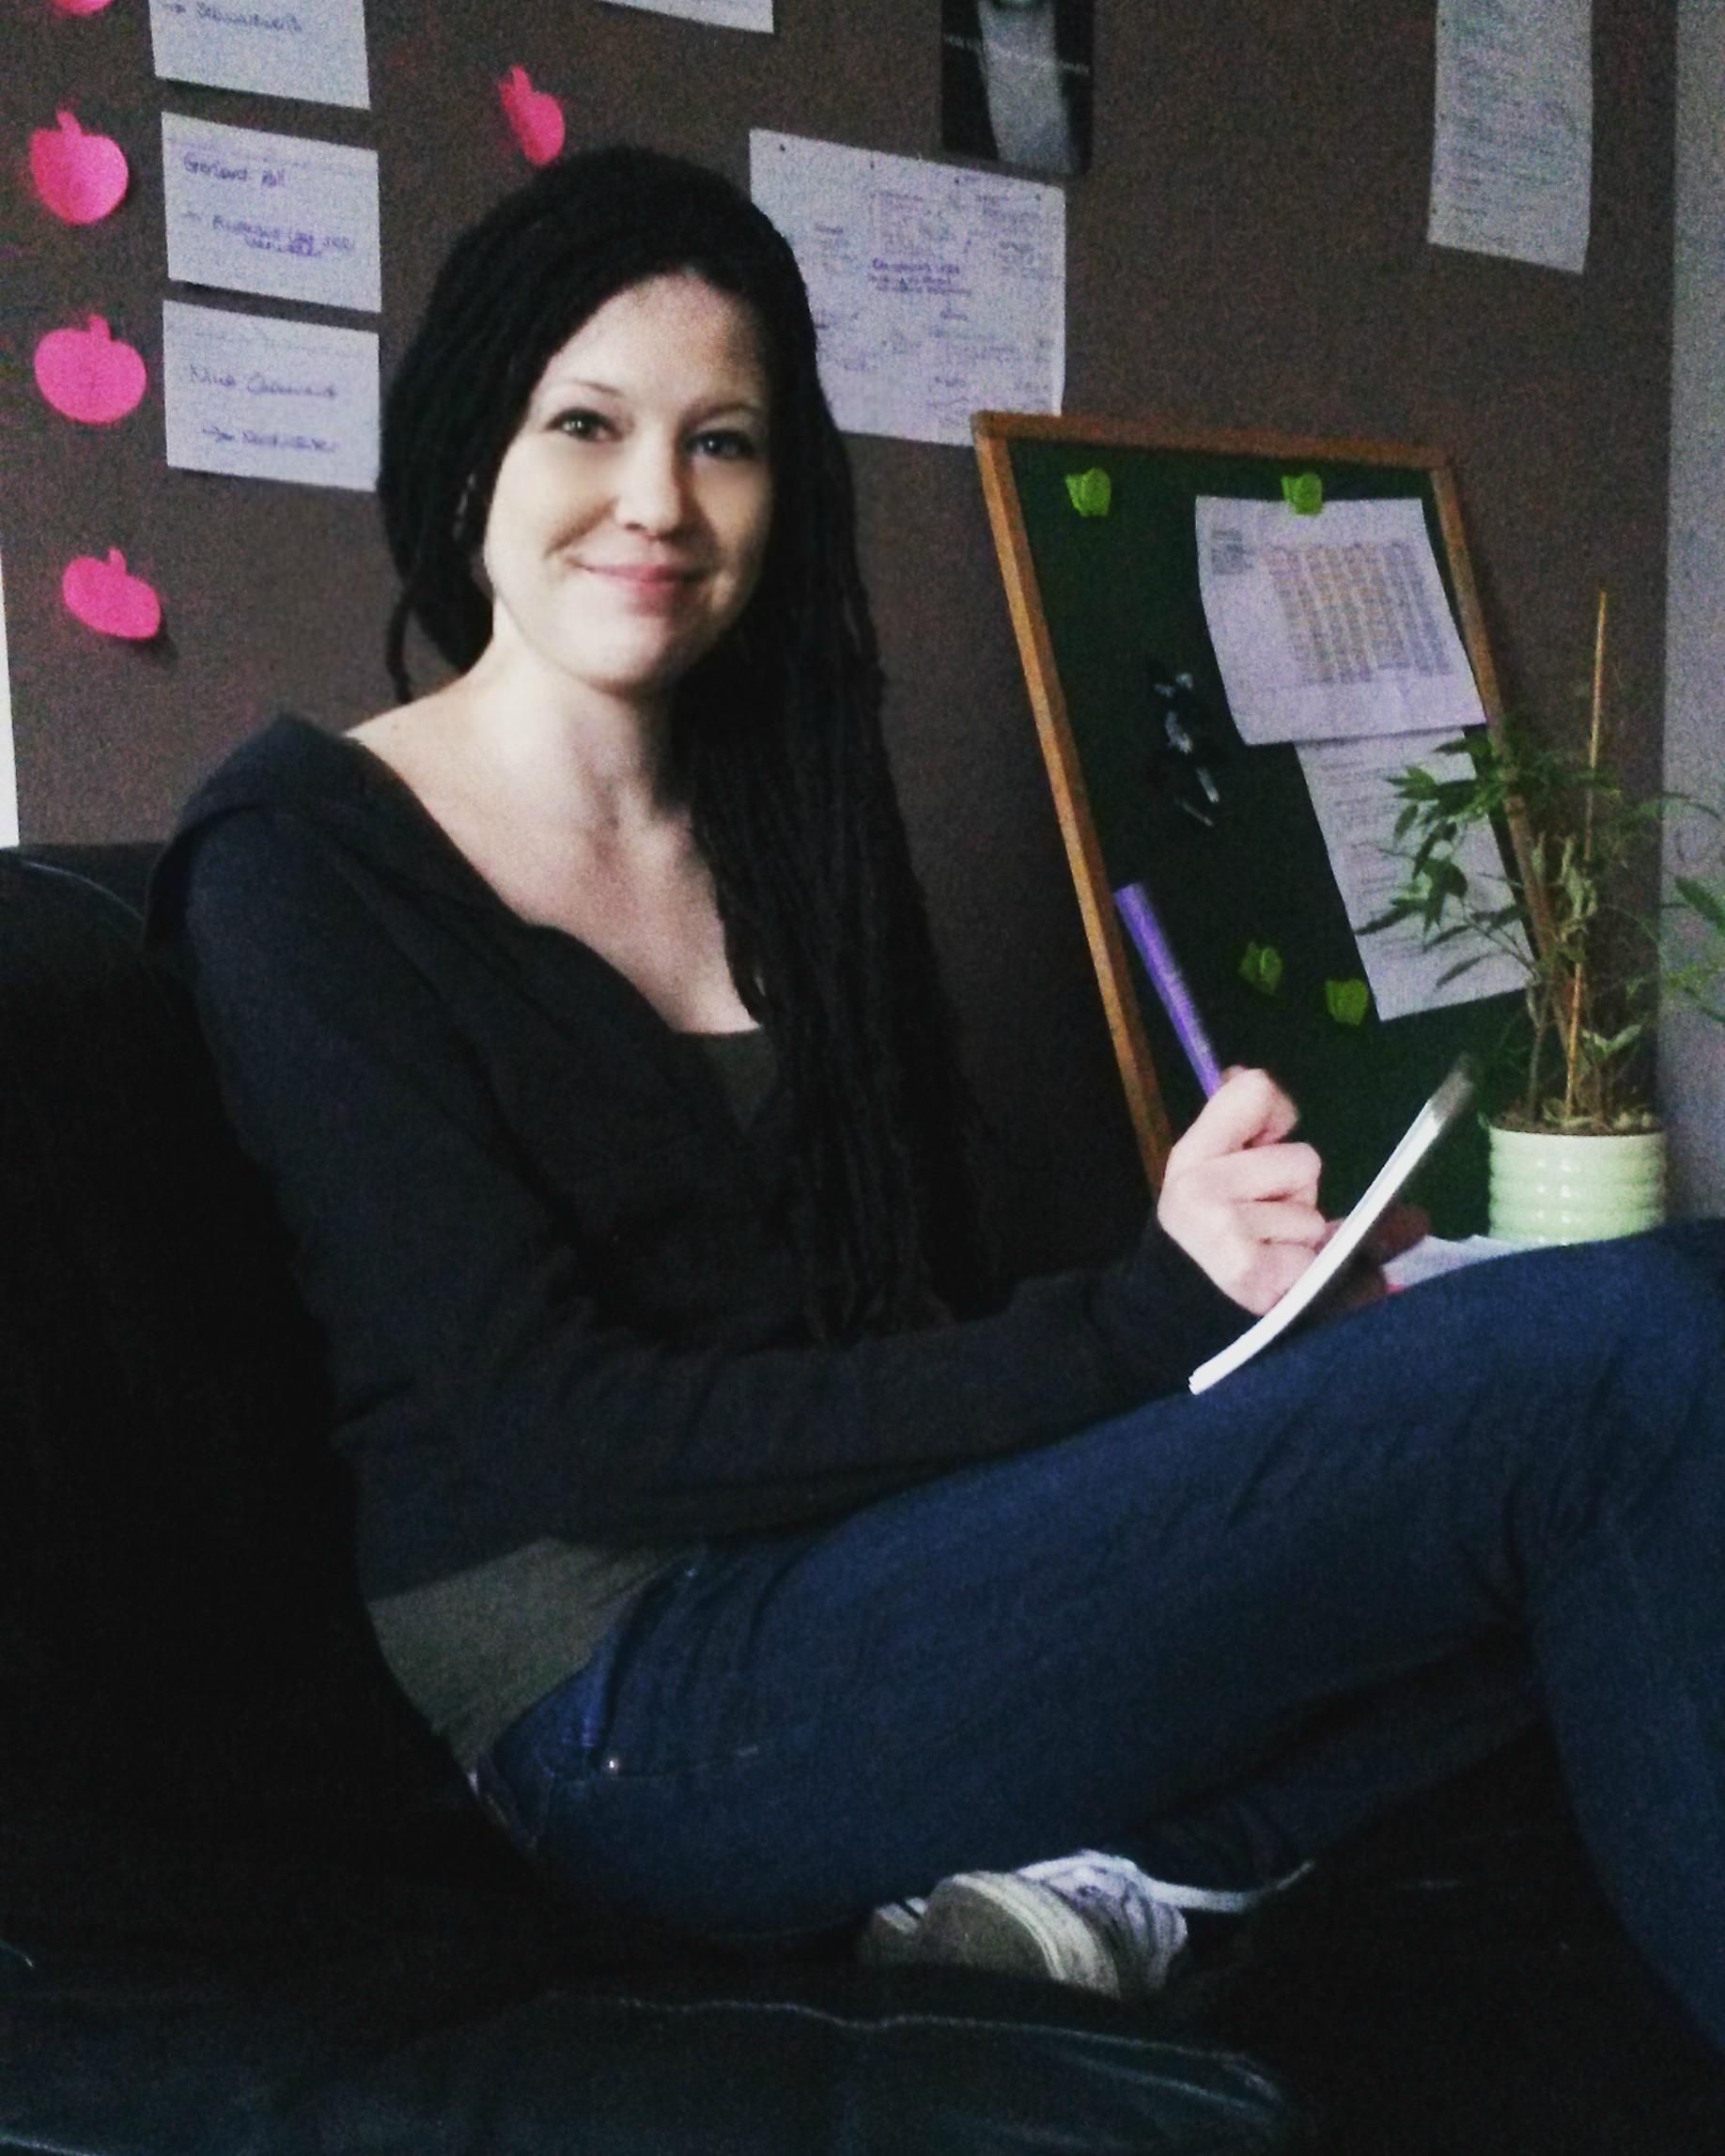 Verlagsinhaberin Laura Bruning